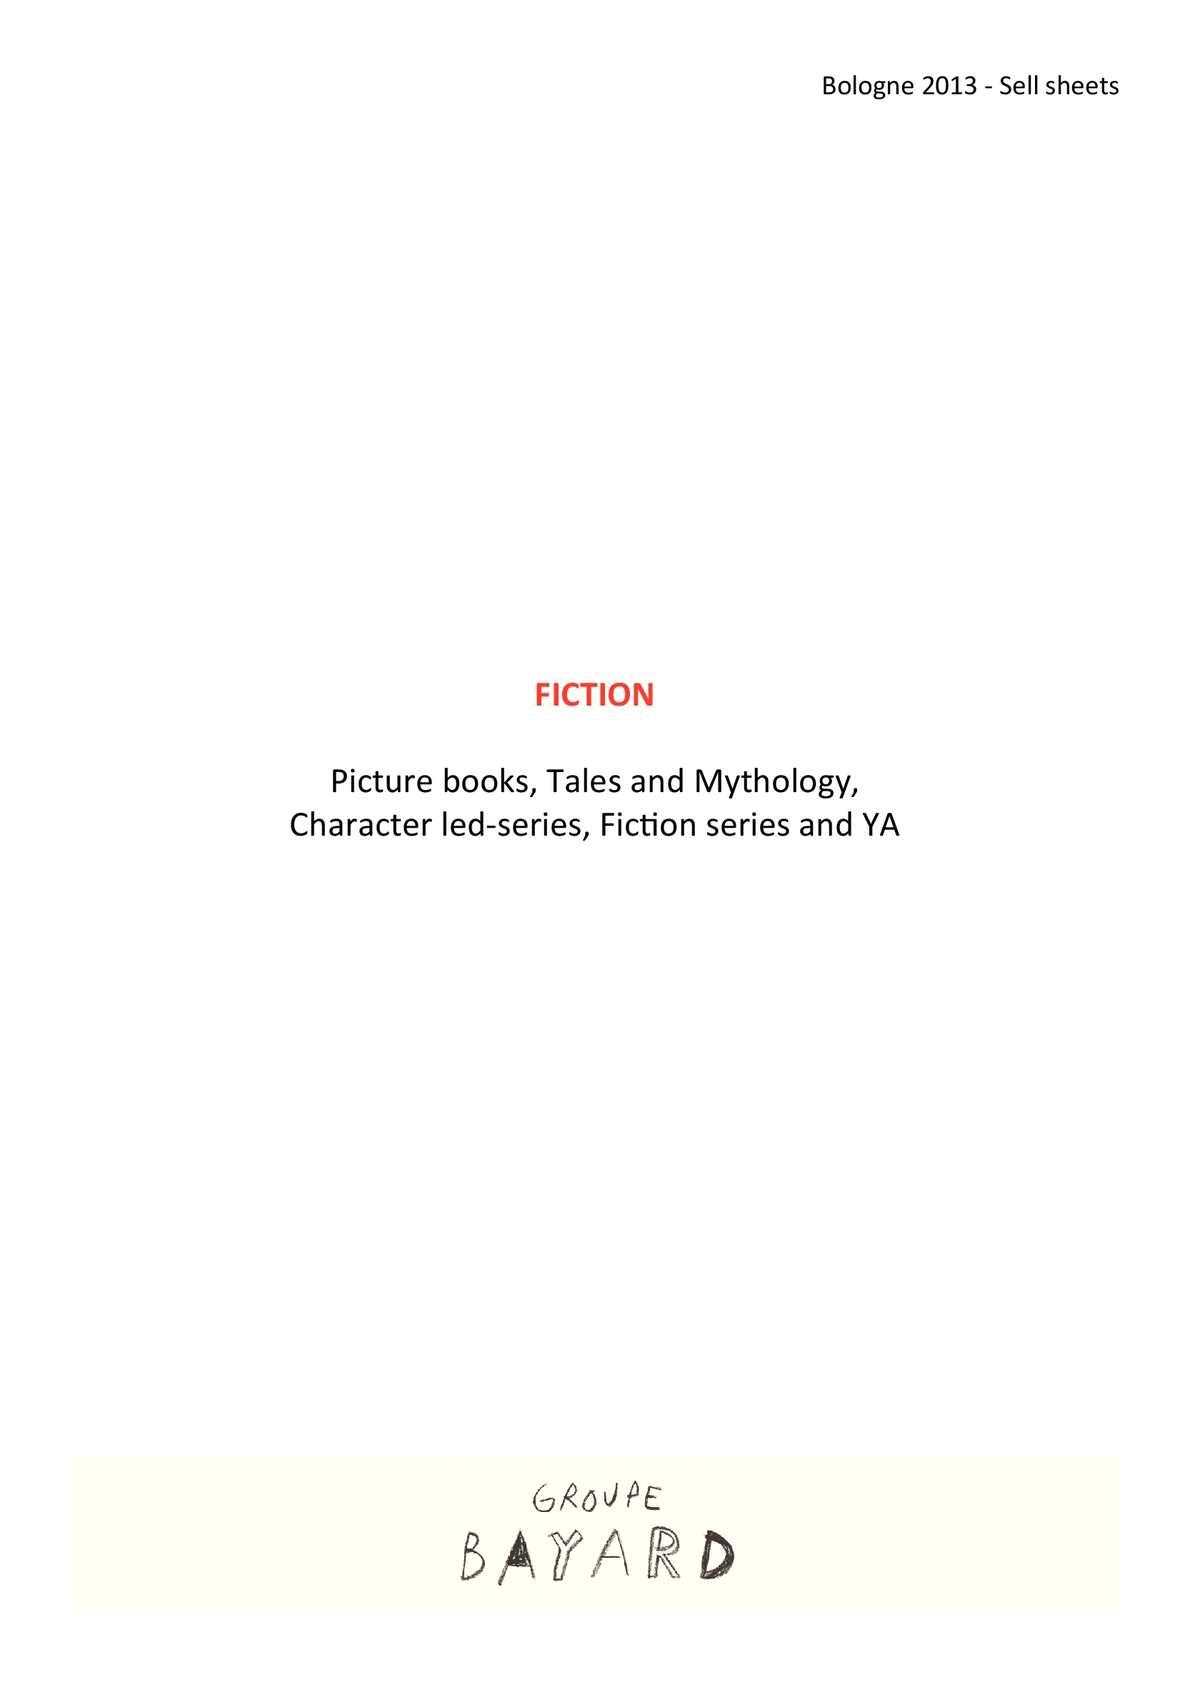 Cherche Personne Pour Travaux Jardin Best Of Calaméo Fiction Titles Backlist Of 66 Beau Cherche Personne Pour Travaux Jardin